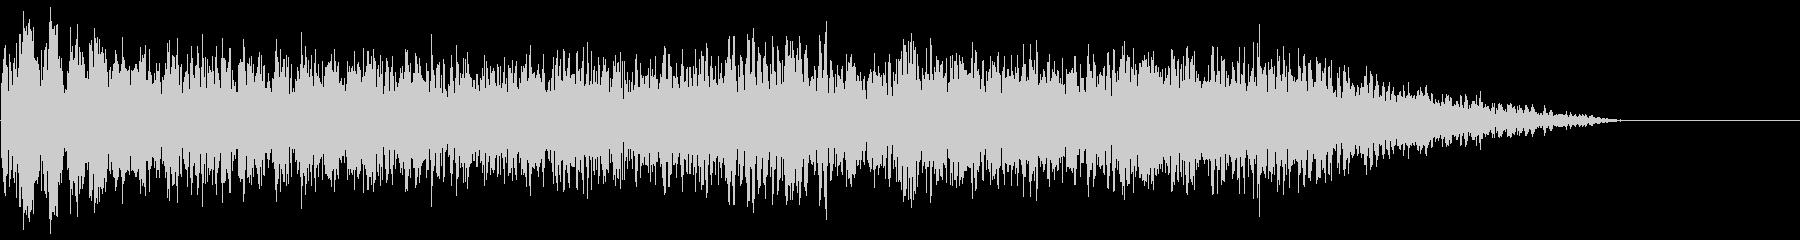 【ダーク】ホラー・サウンドスケイプ_09の未再生の波形